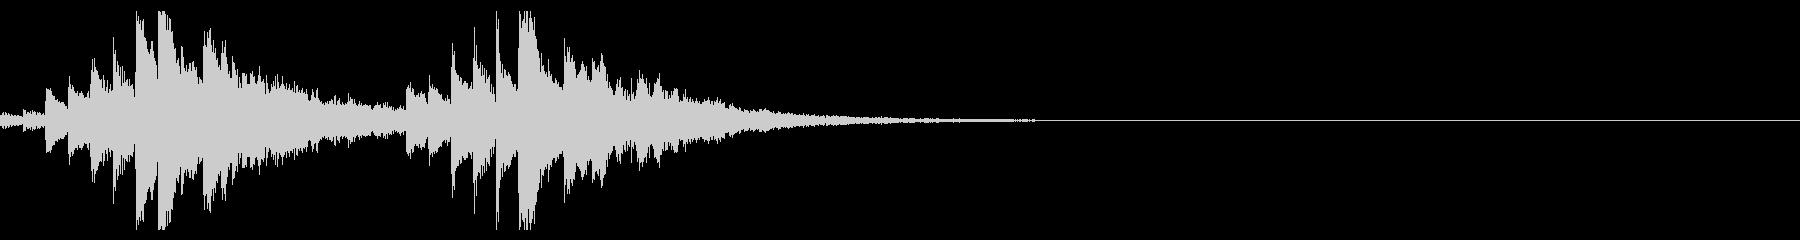 幻想的なうねりのあるシンセのキラキラ音の未再生の波形